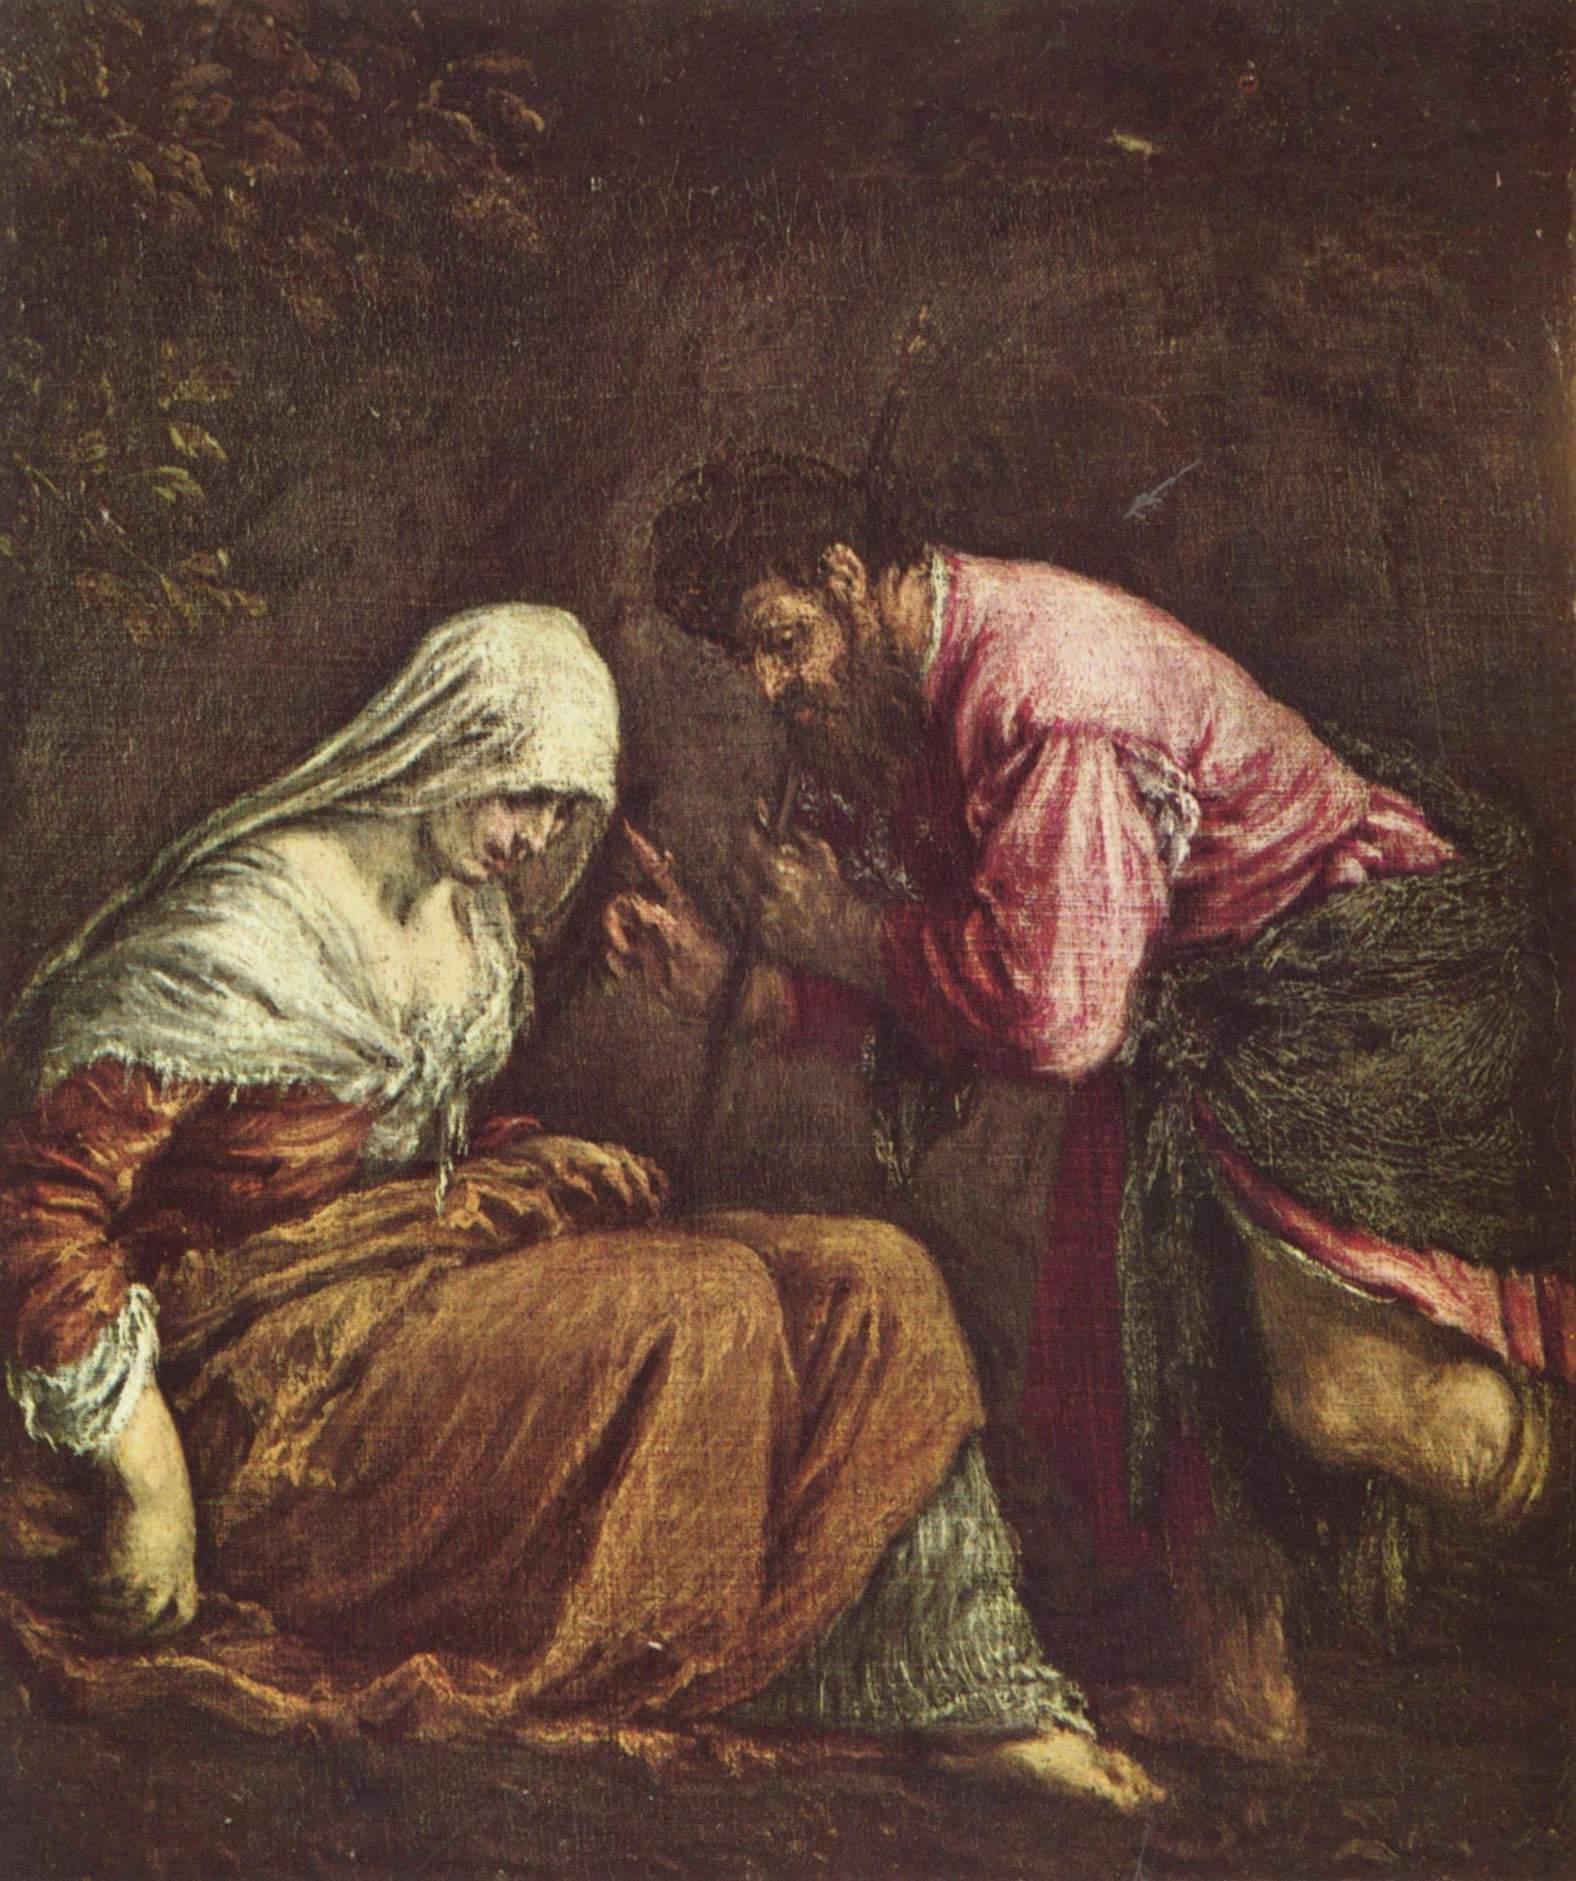 The Story Of Judah And Tamar Judah And Tamar Story